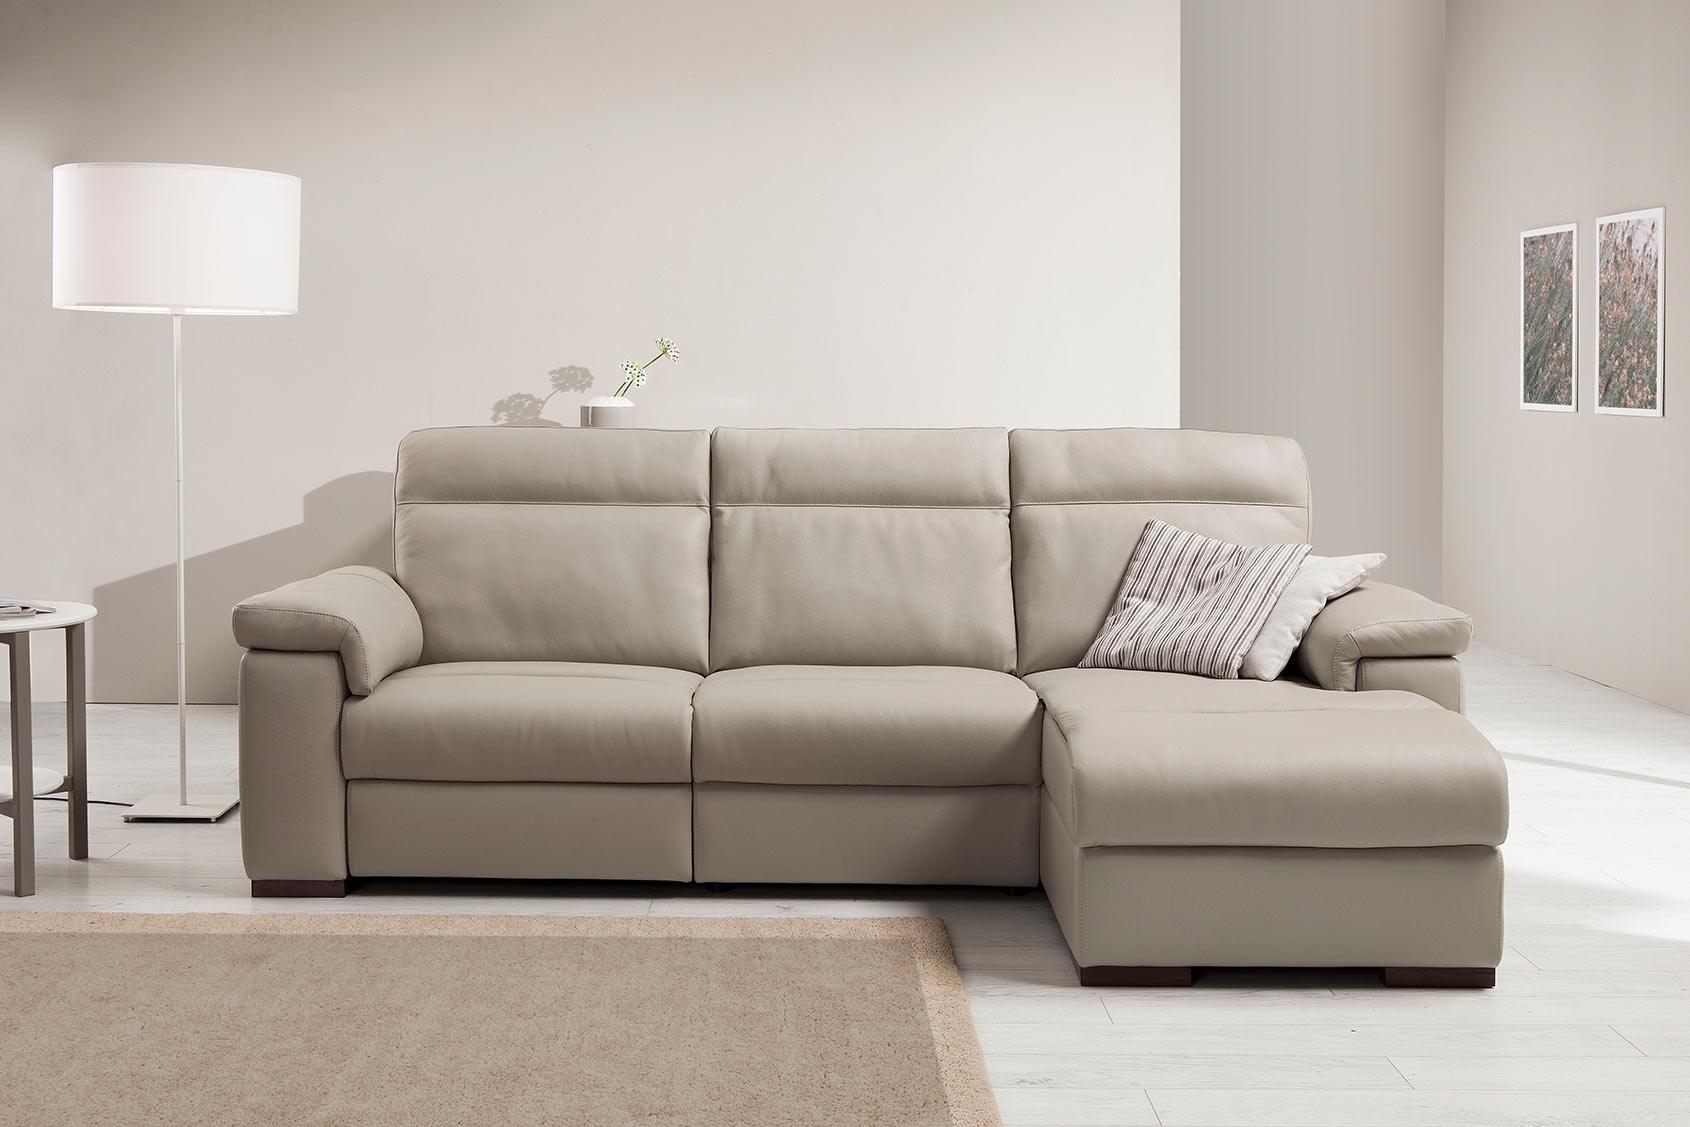 Divano con rivestimento in cashmere con chaise longue divani a prezzi scontati - Rivestimento divano costo ...